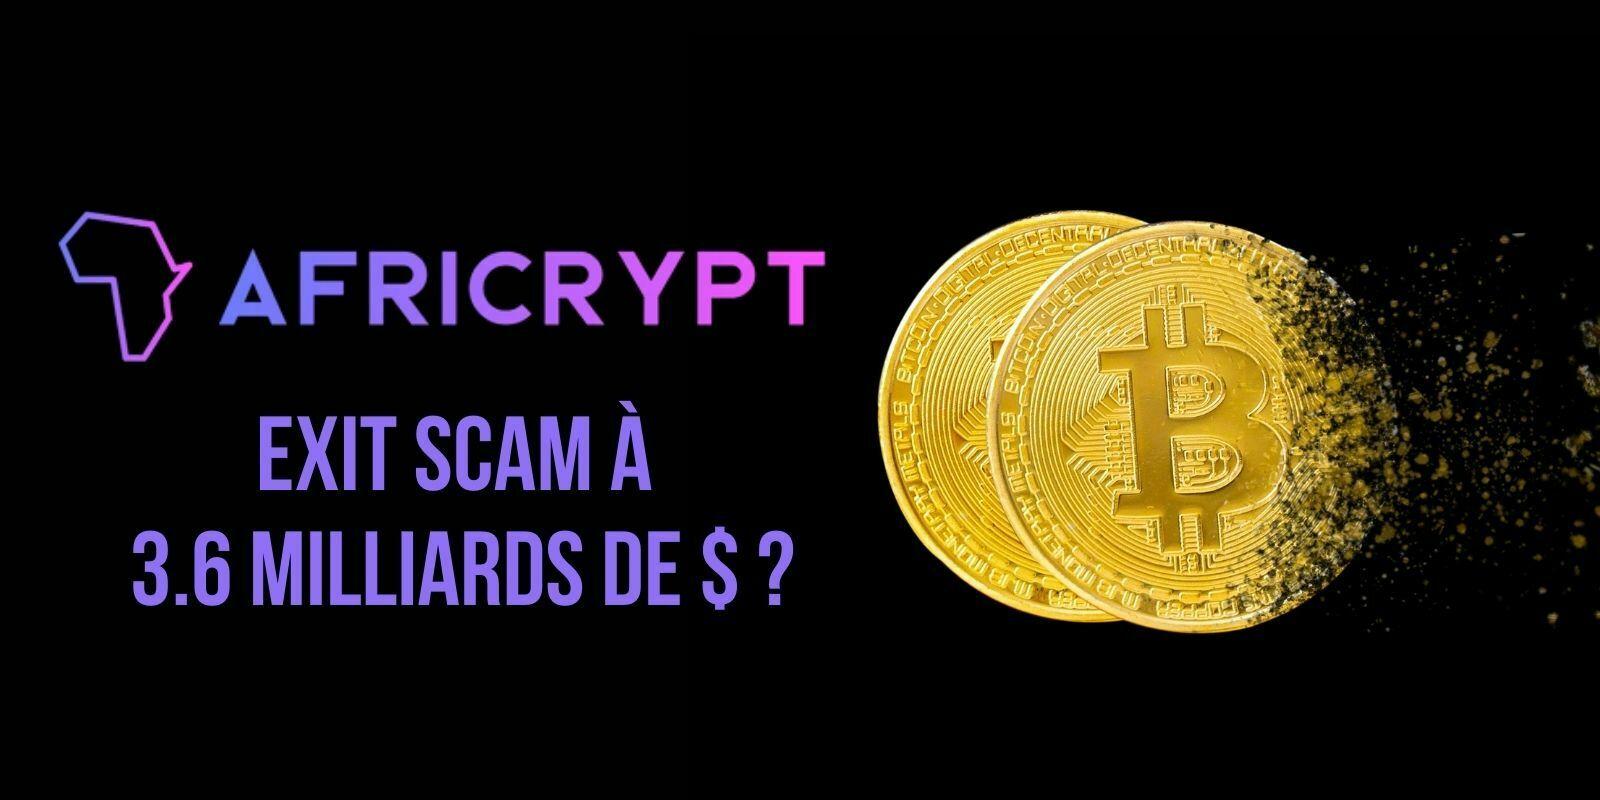 3,6 milliards de dollars en Bitcoin (BTC) s'envolent d'Africrypt – Le plus gros exit scam de l'histoire?